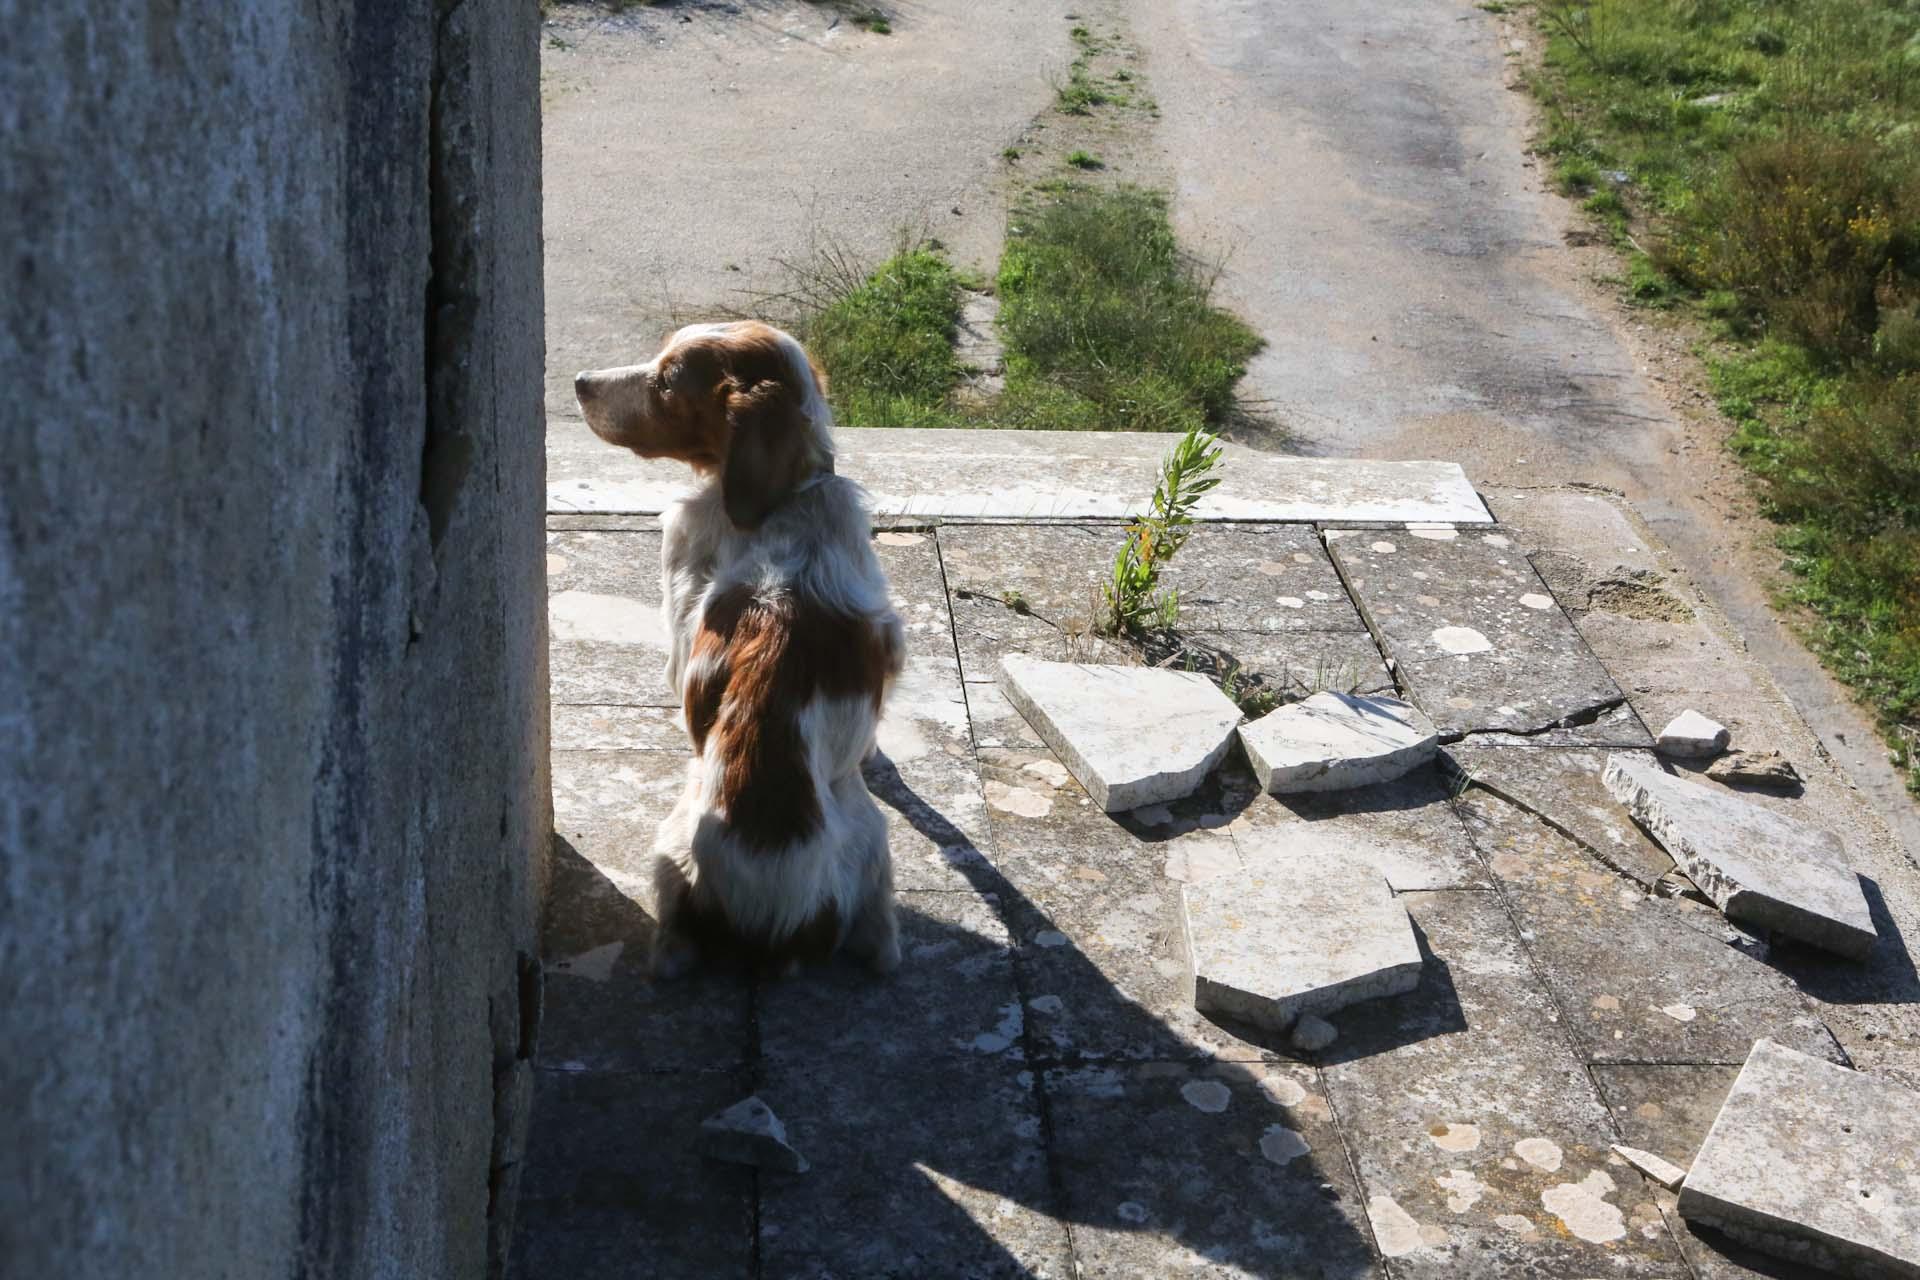 Das Haus ist auch Zuhause dieses halb verhungerten Hundes, der wenig Überlebenschance hat. In der Gegend werden die Tiere häufig einfach ausgesetzt und ihrem Schicksal überlassen.